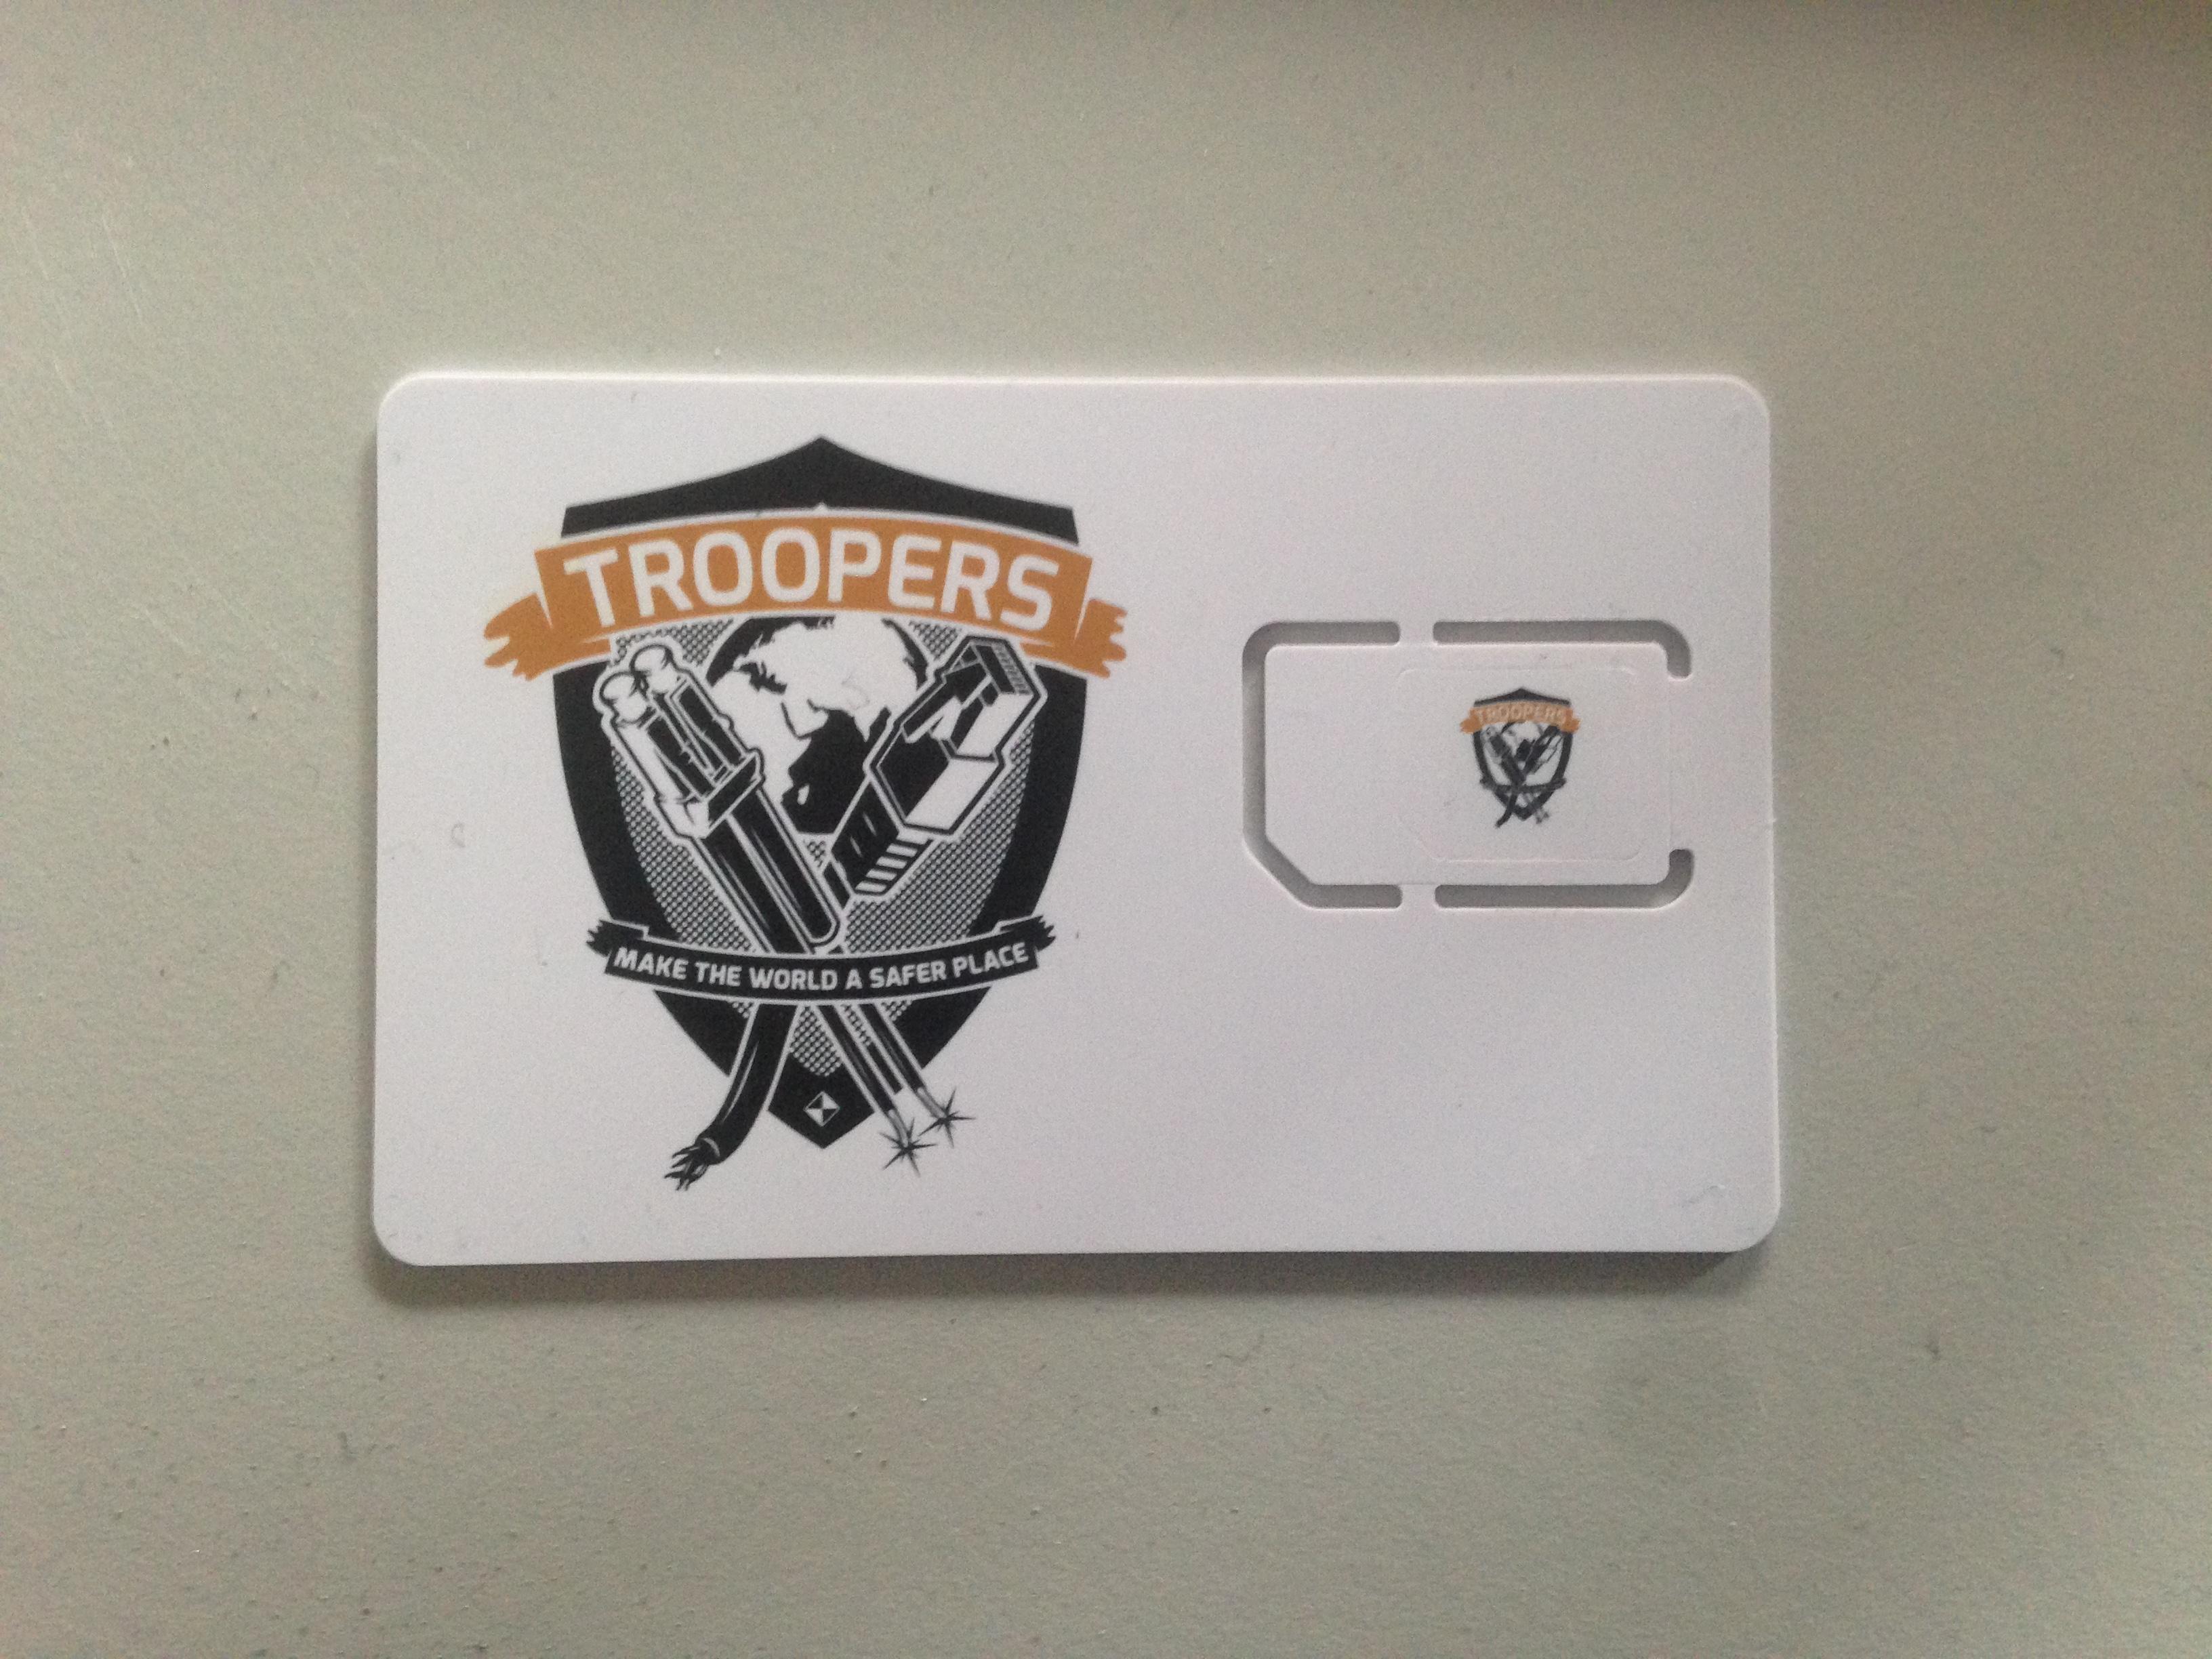 Troopers SIM